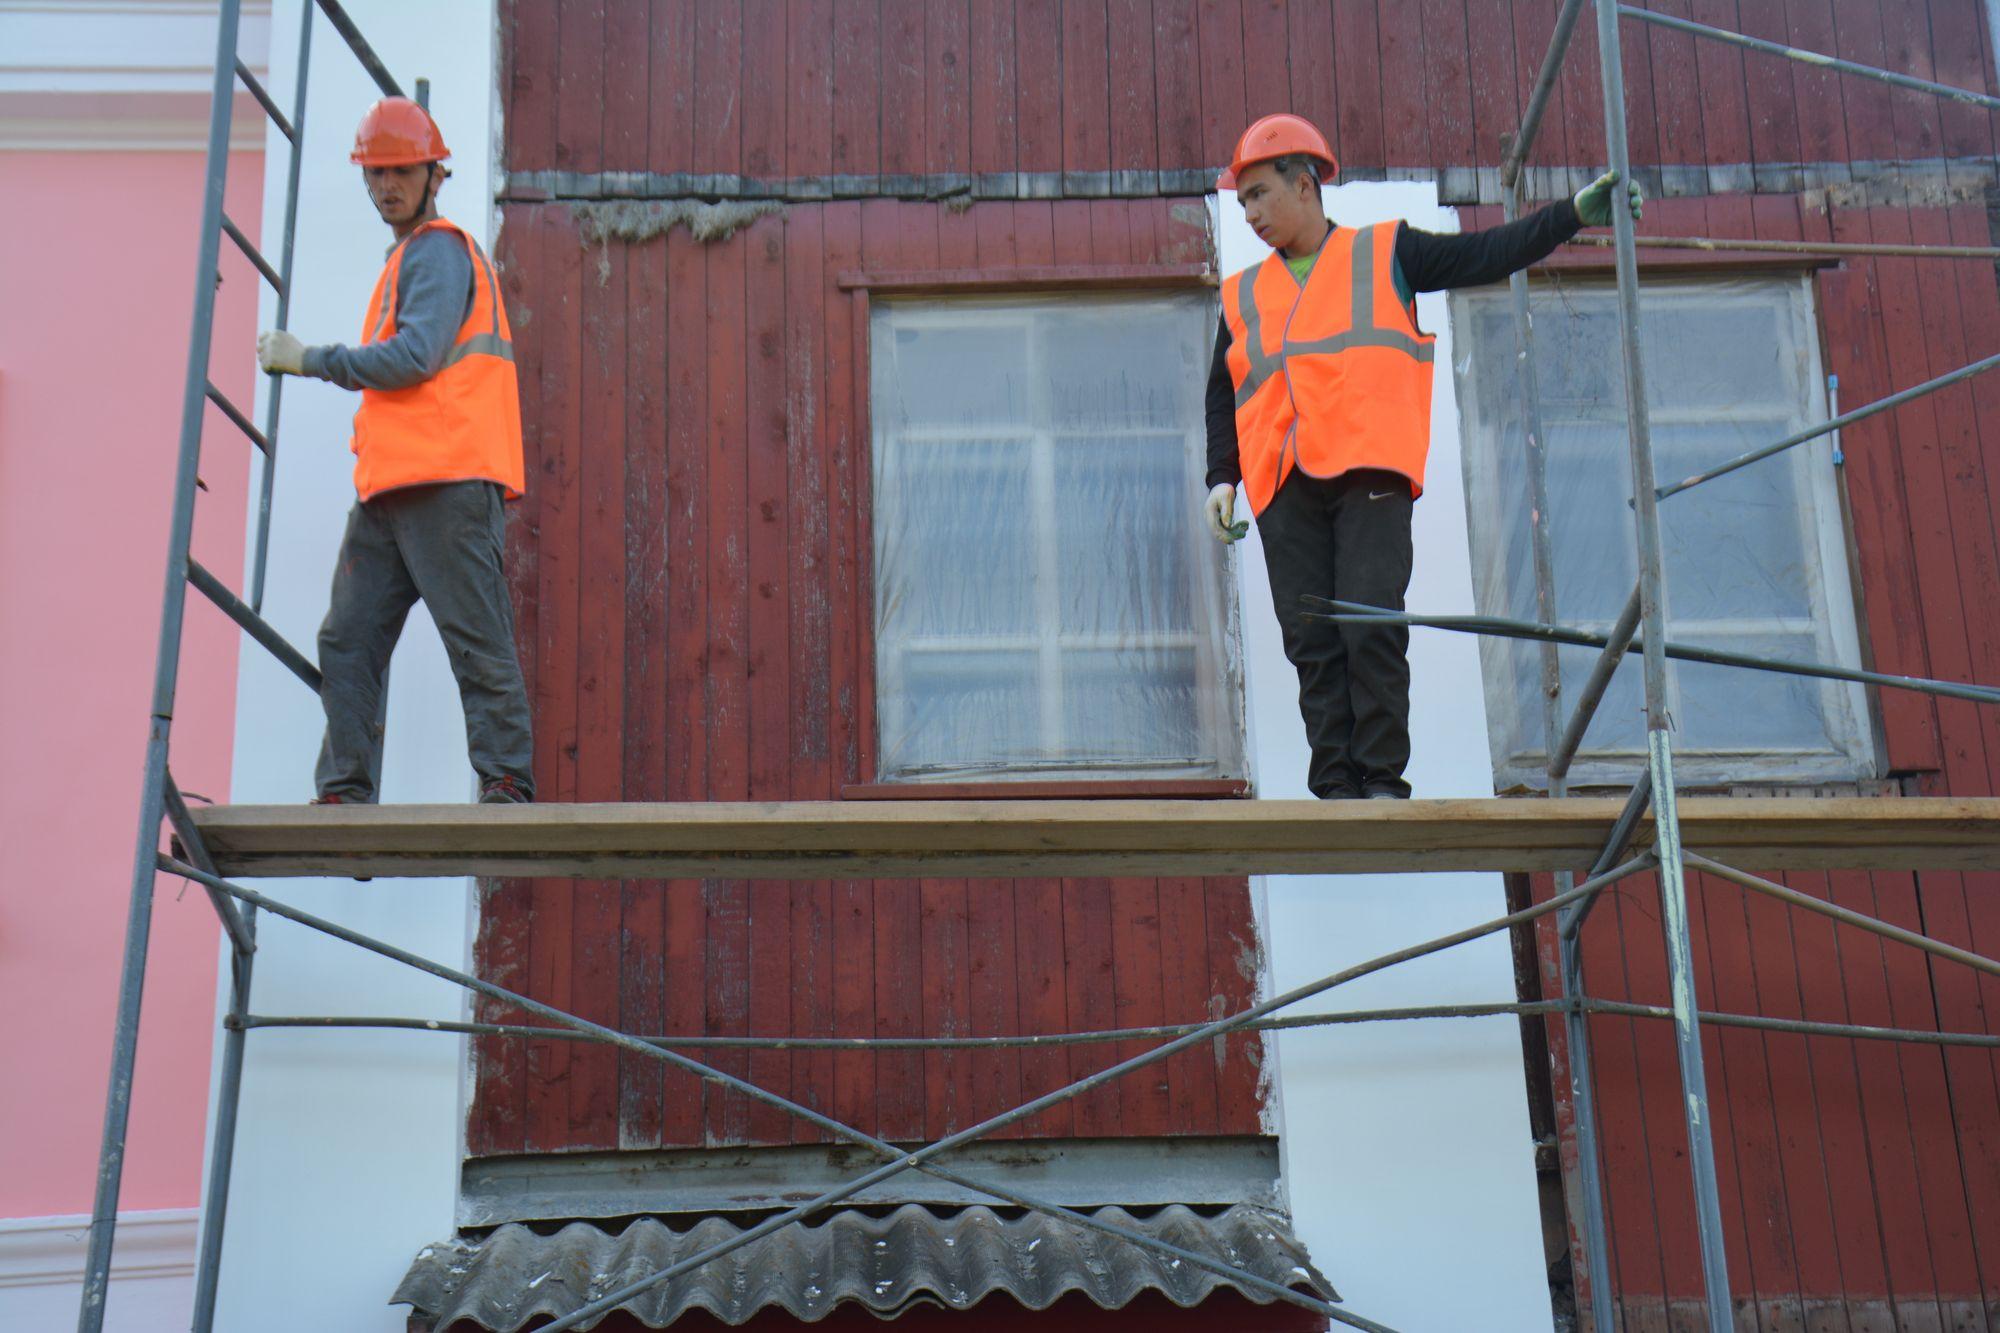 В 2020 году в программу капремонта в Красноярске будут включены около 500 домов